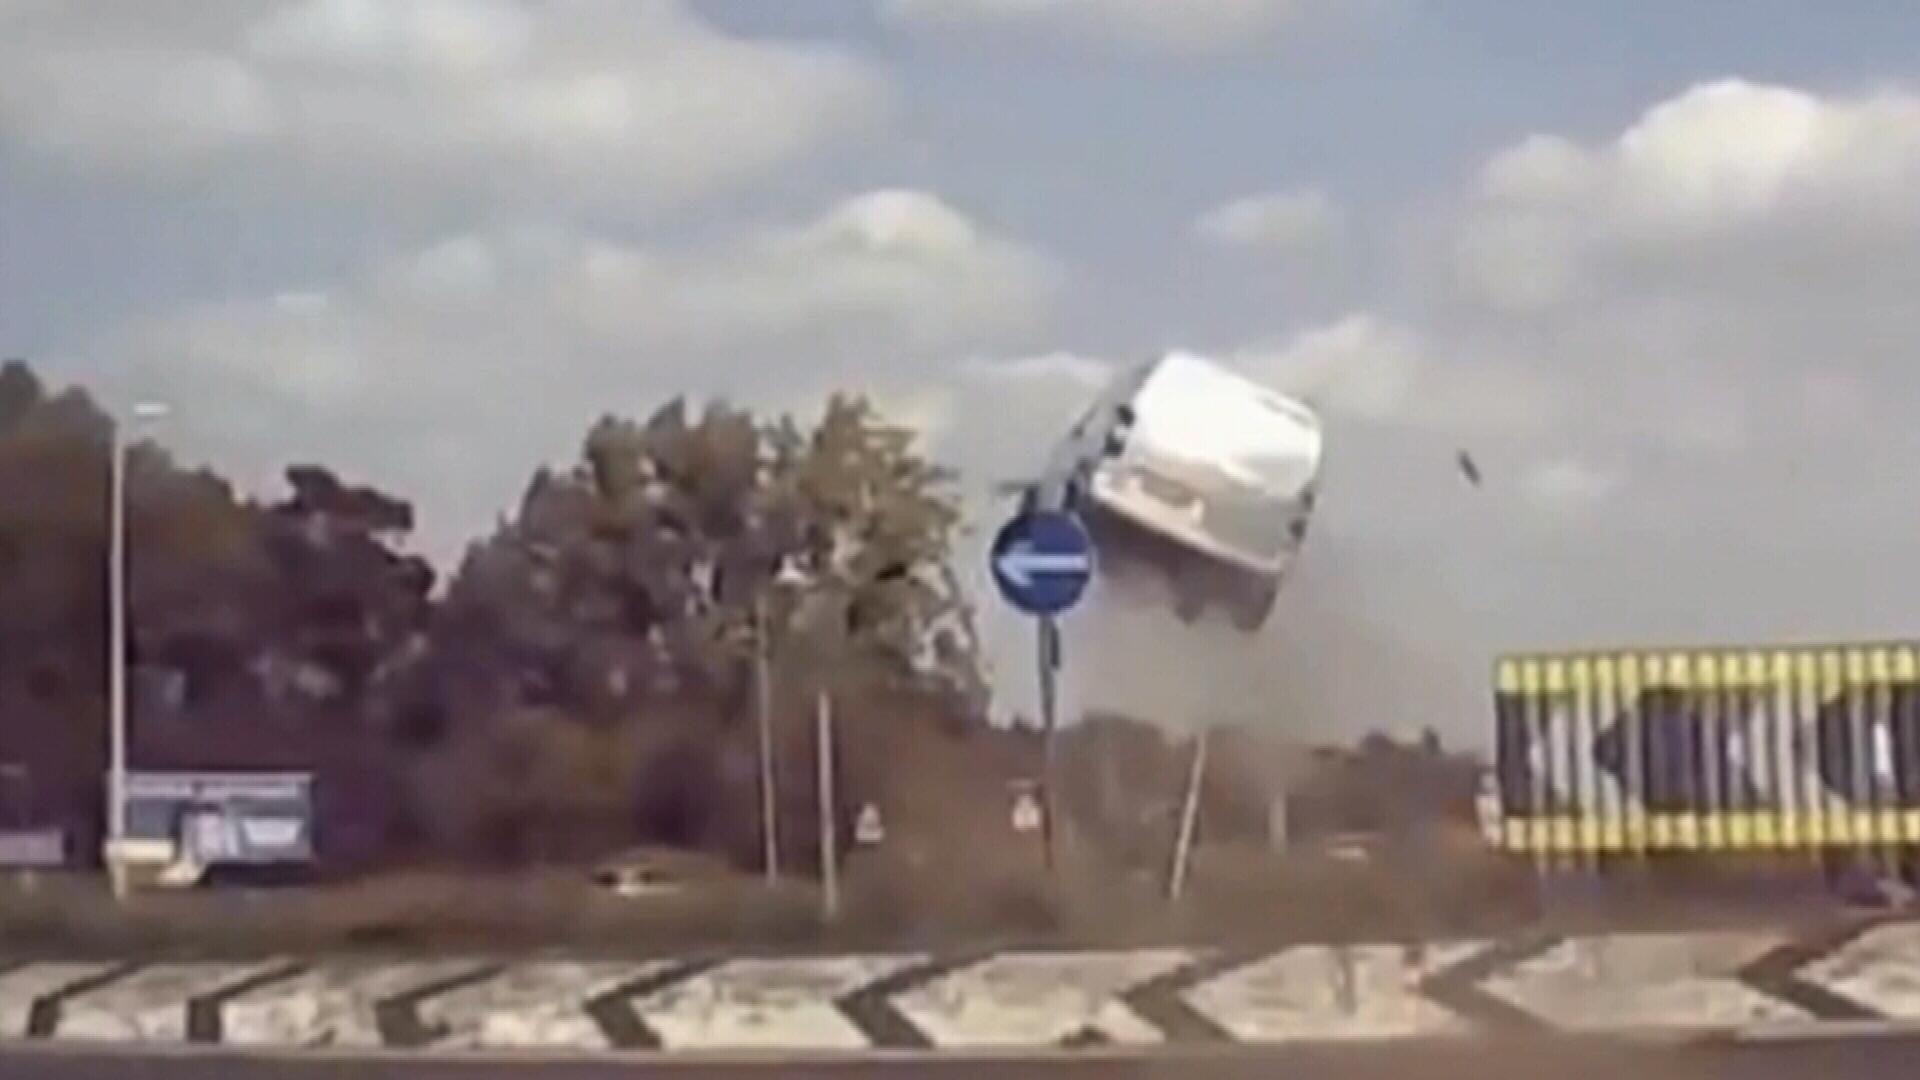 Van flies movie-stunt style in UK injuring three